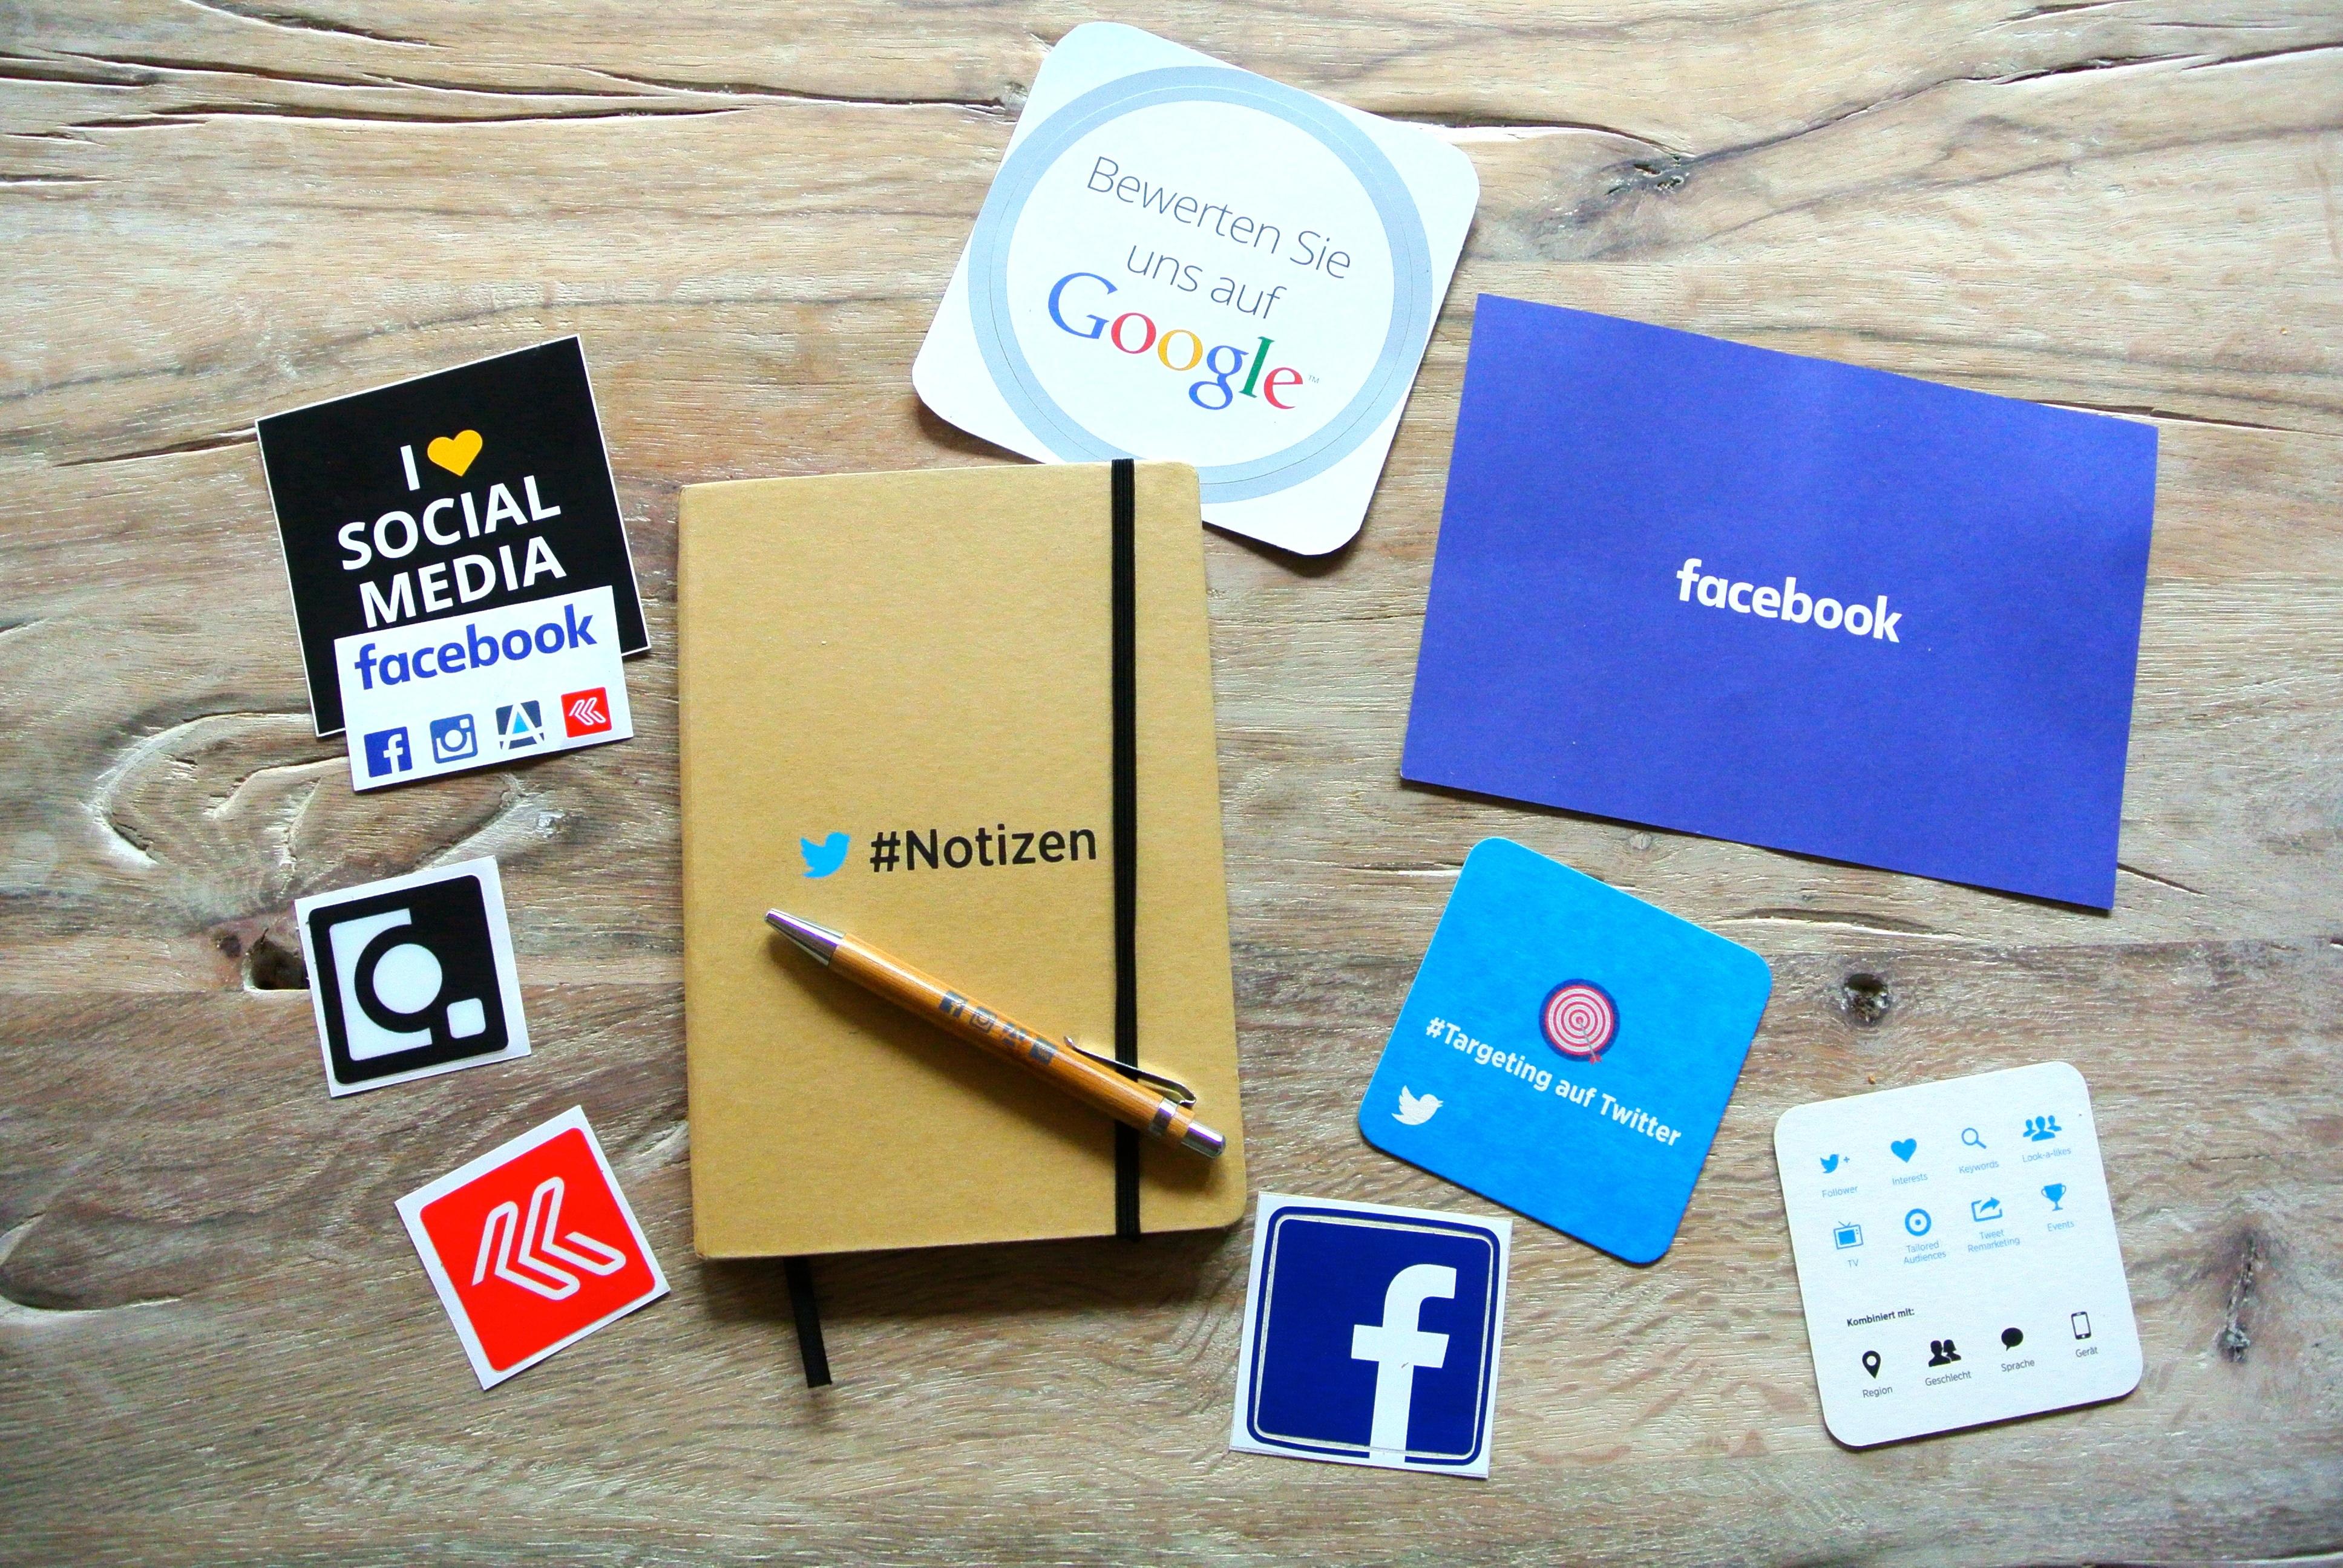 errores al poner publicidad en redes sociales